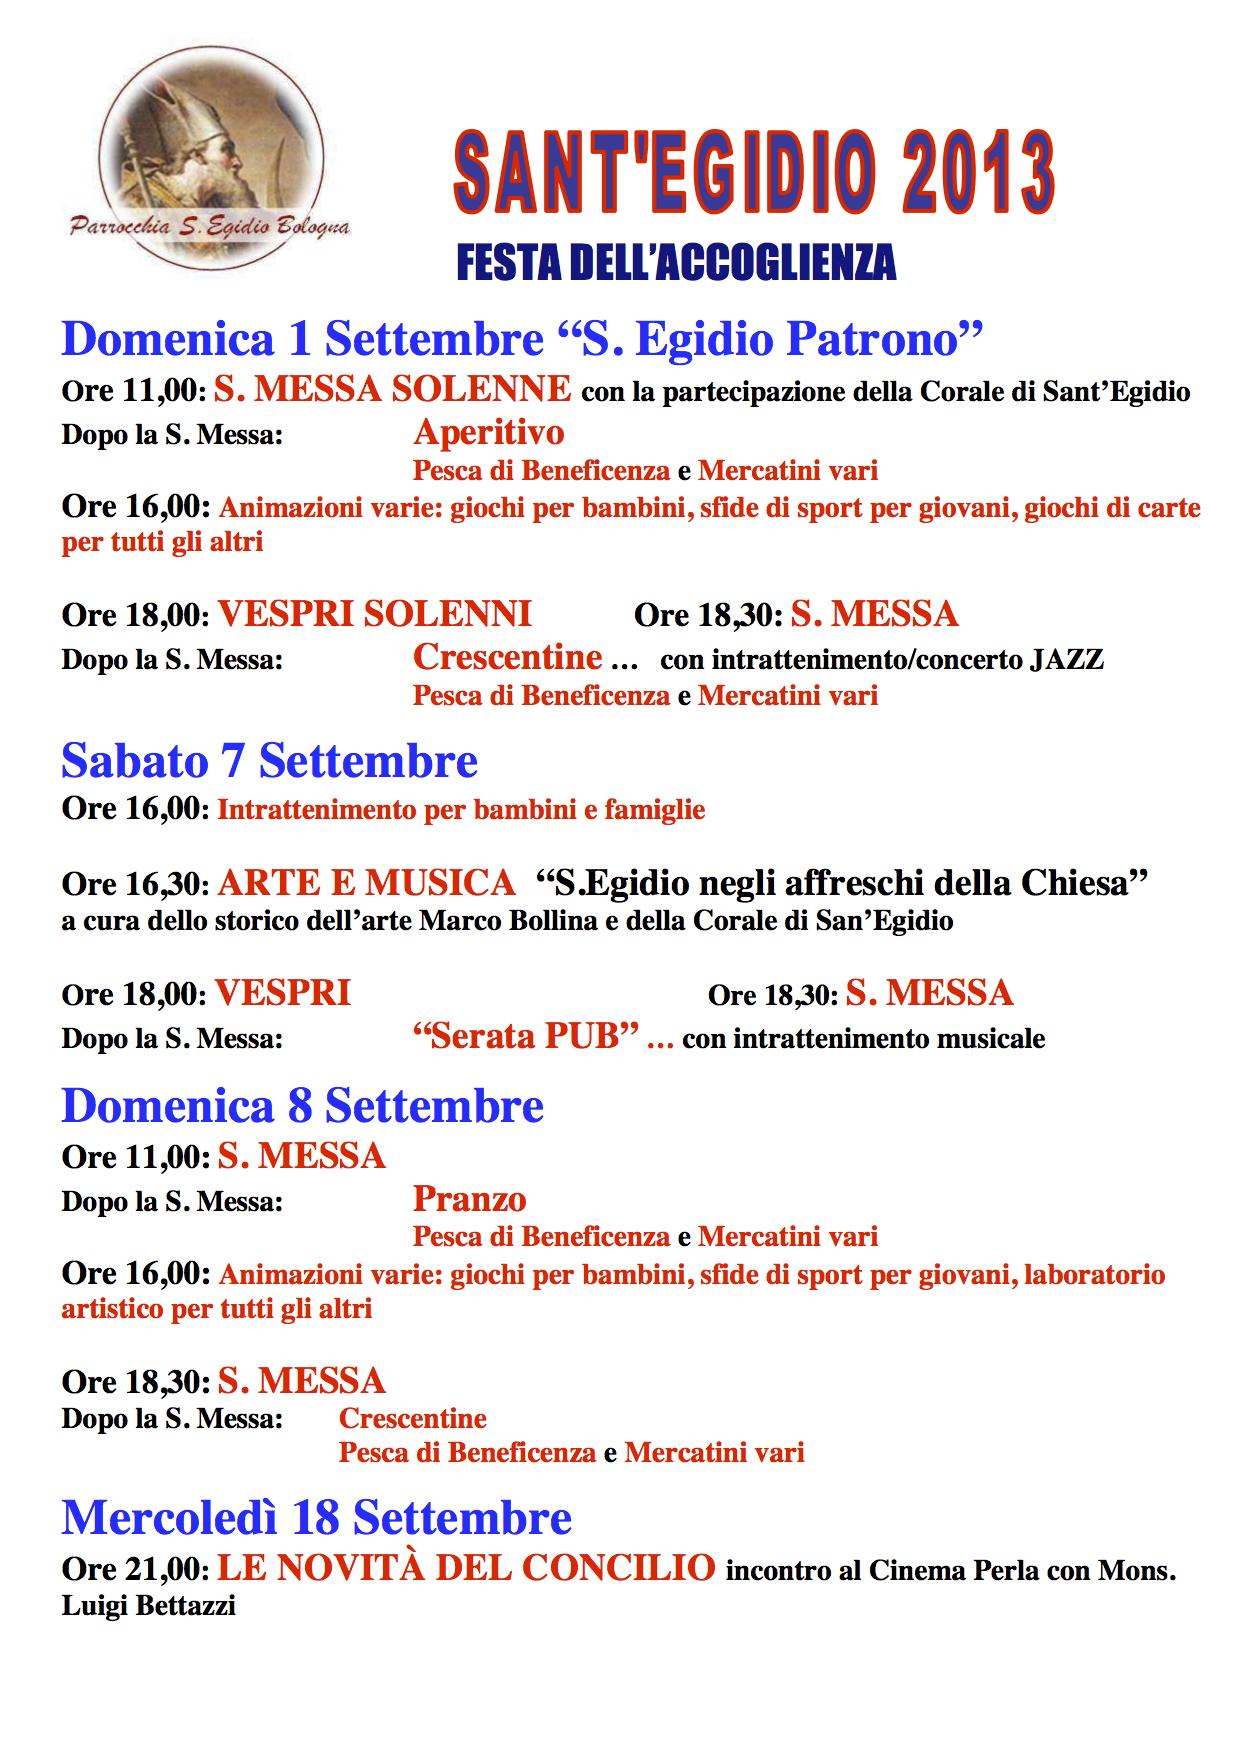 FestaSantEgidio2013_programma